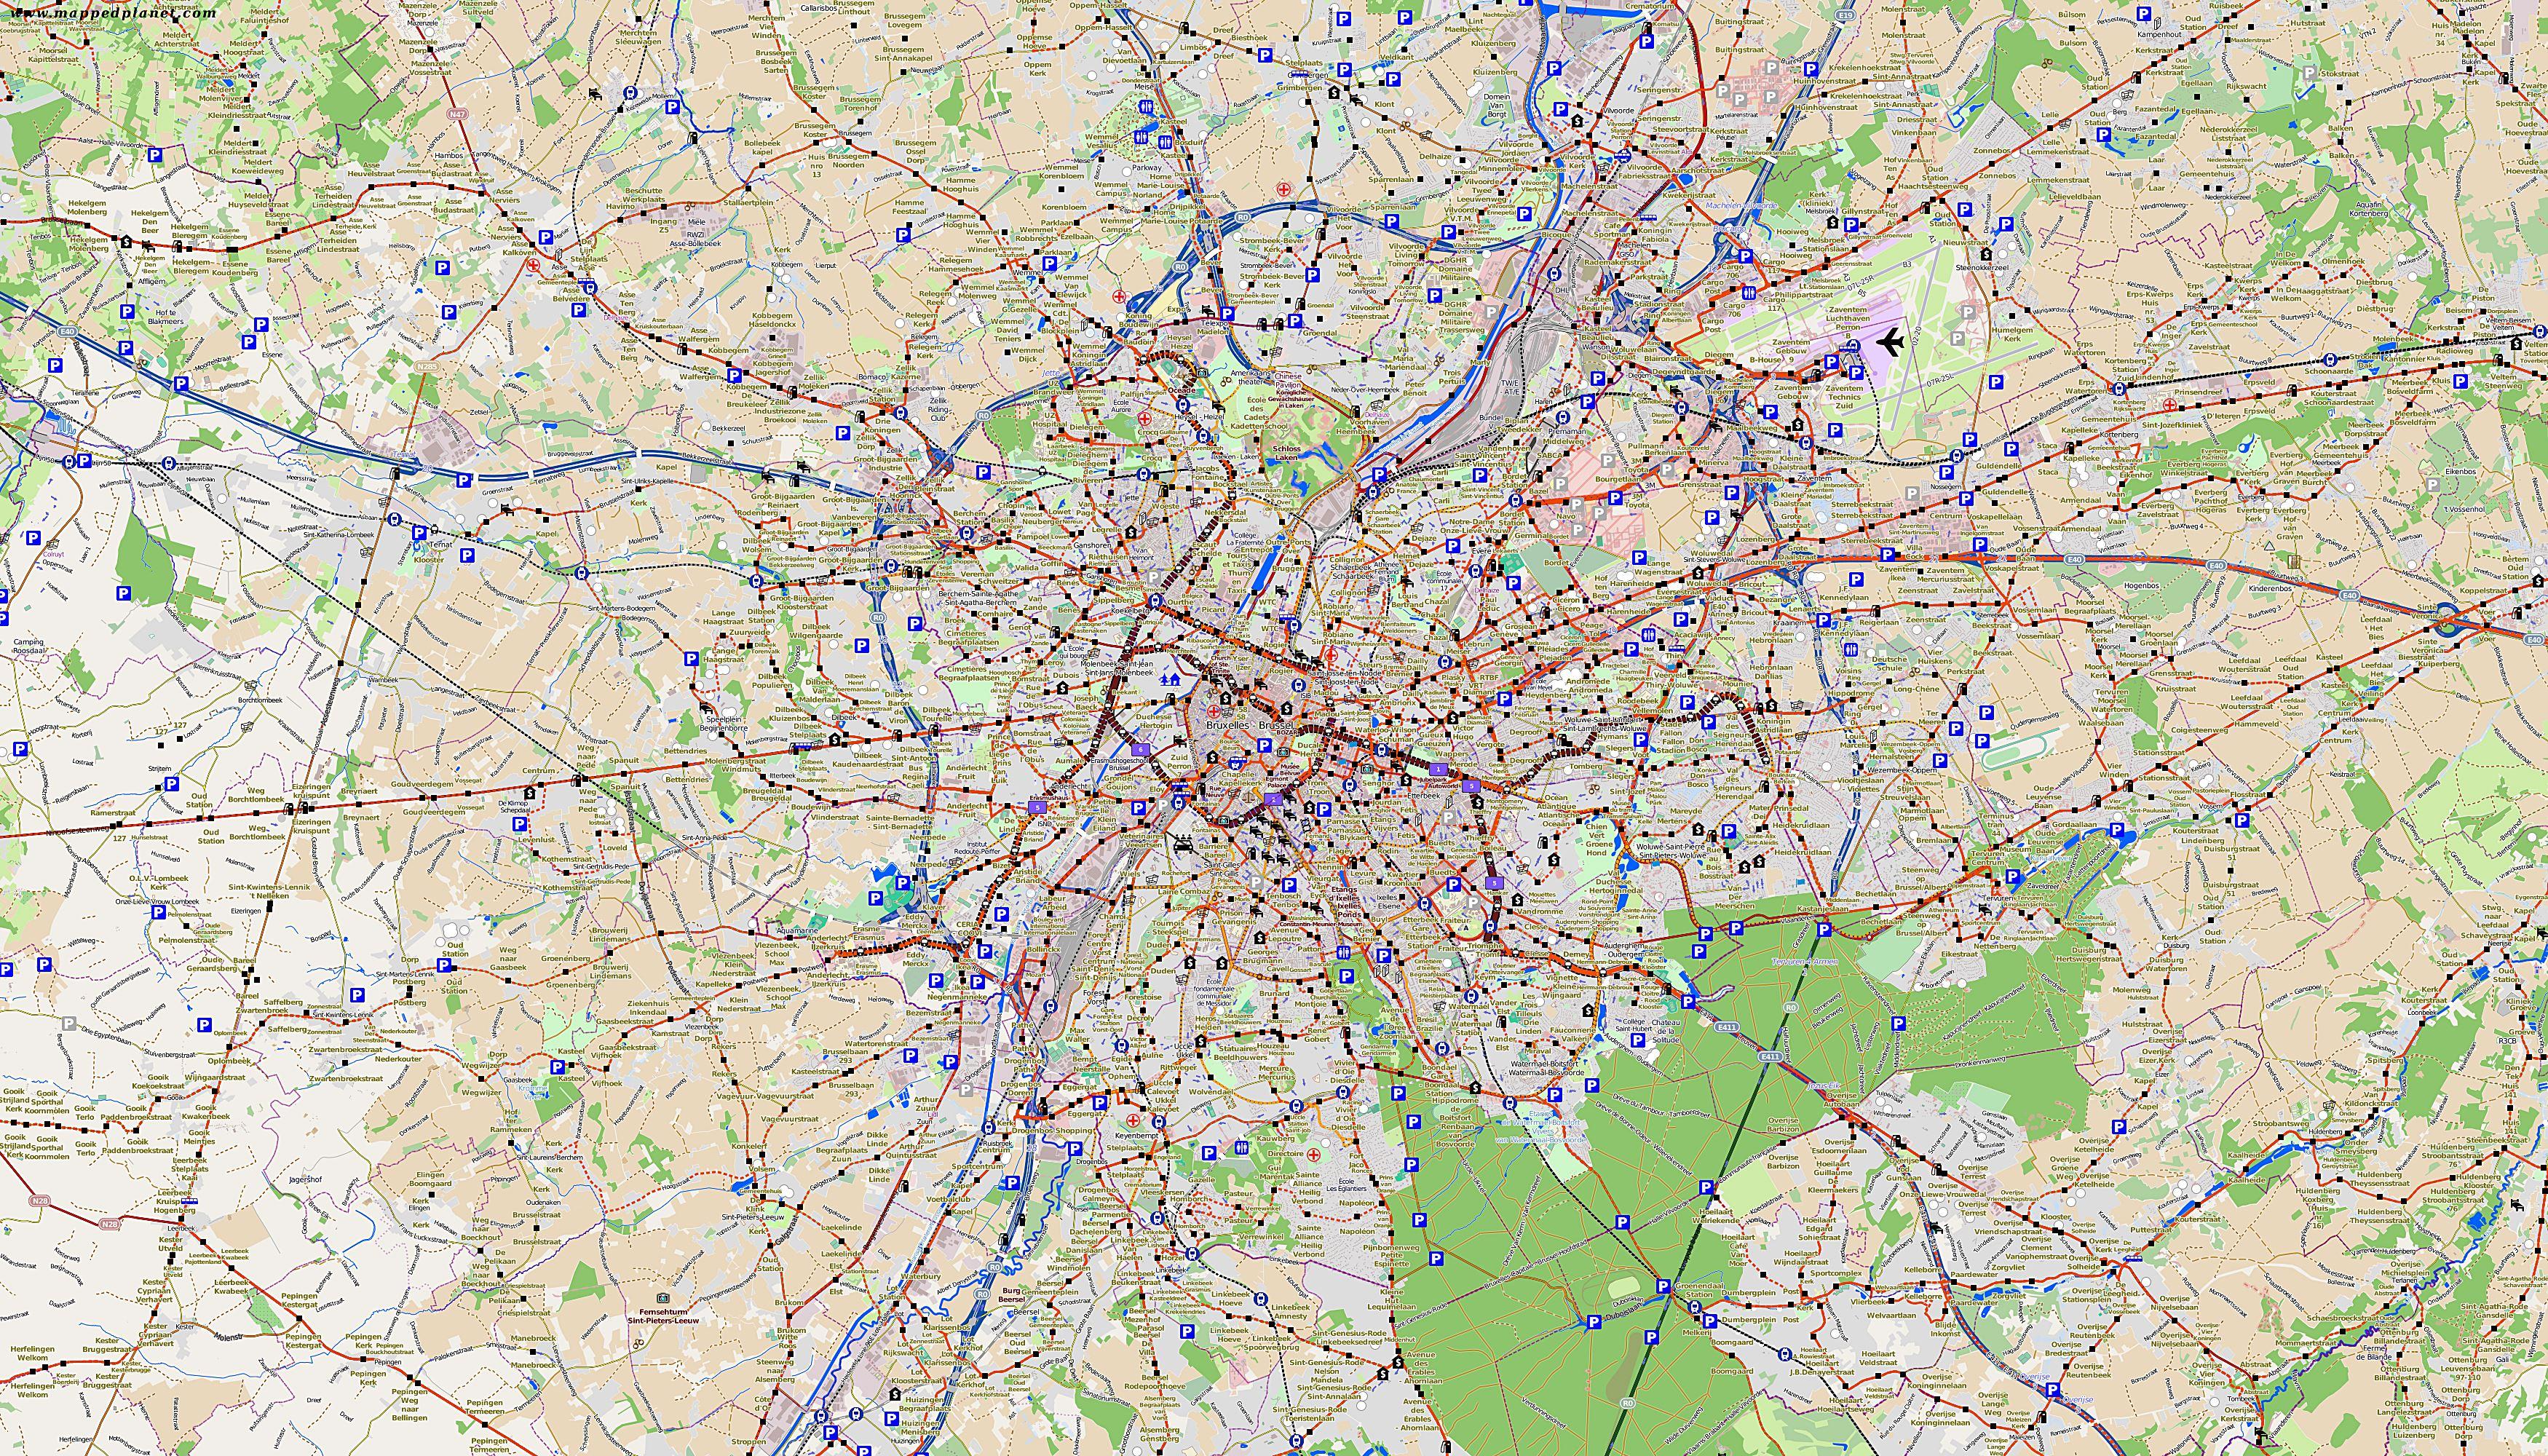 Cartes De Bruxelles Cartes Typographiques Detaillees De Bruxelles Belgique De Haute Qualite